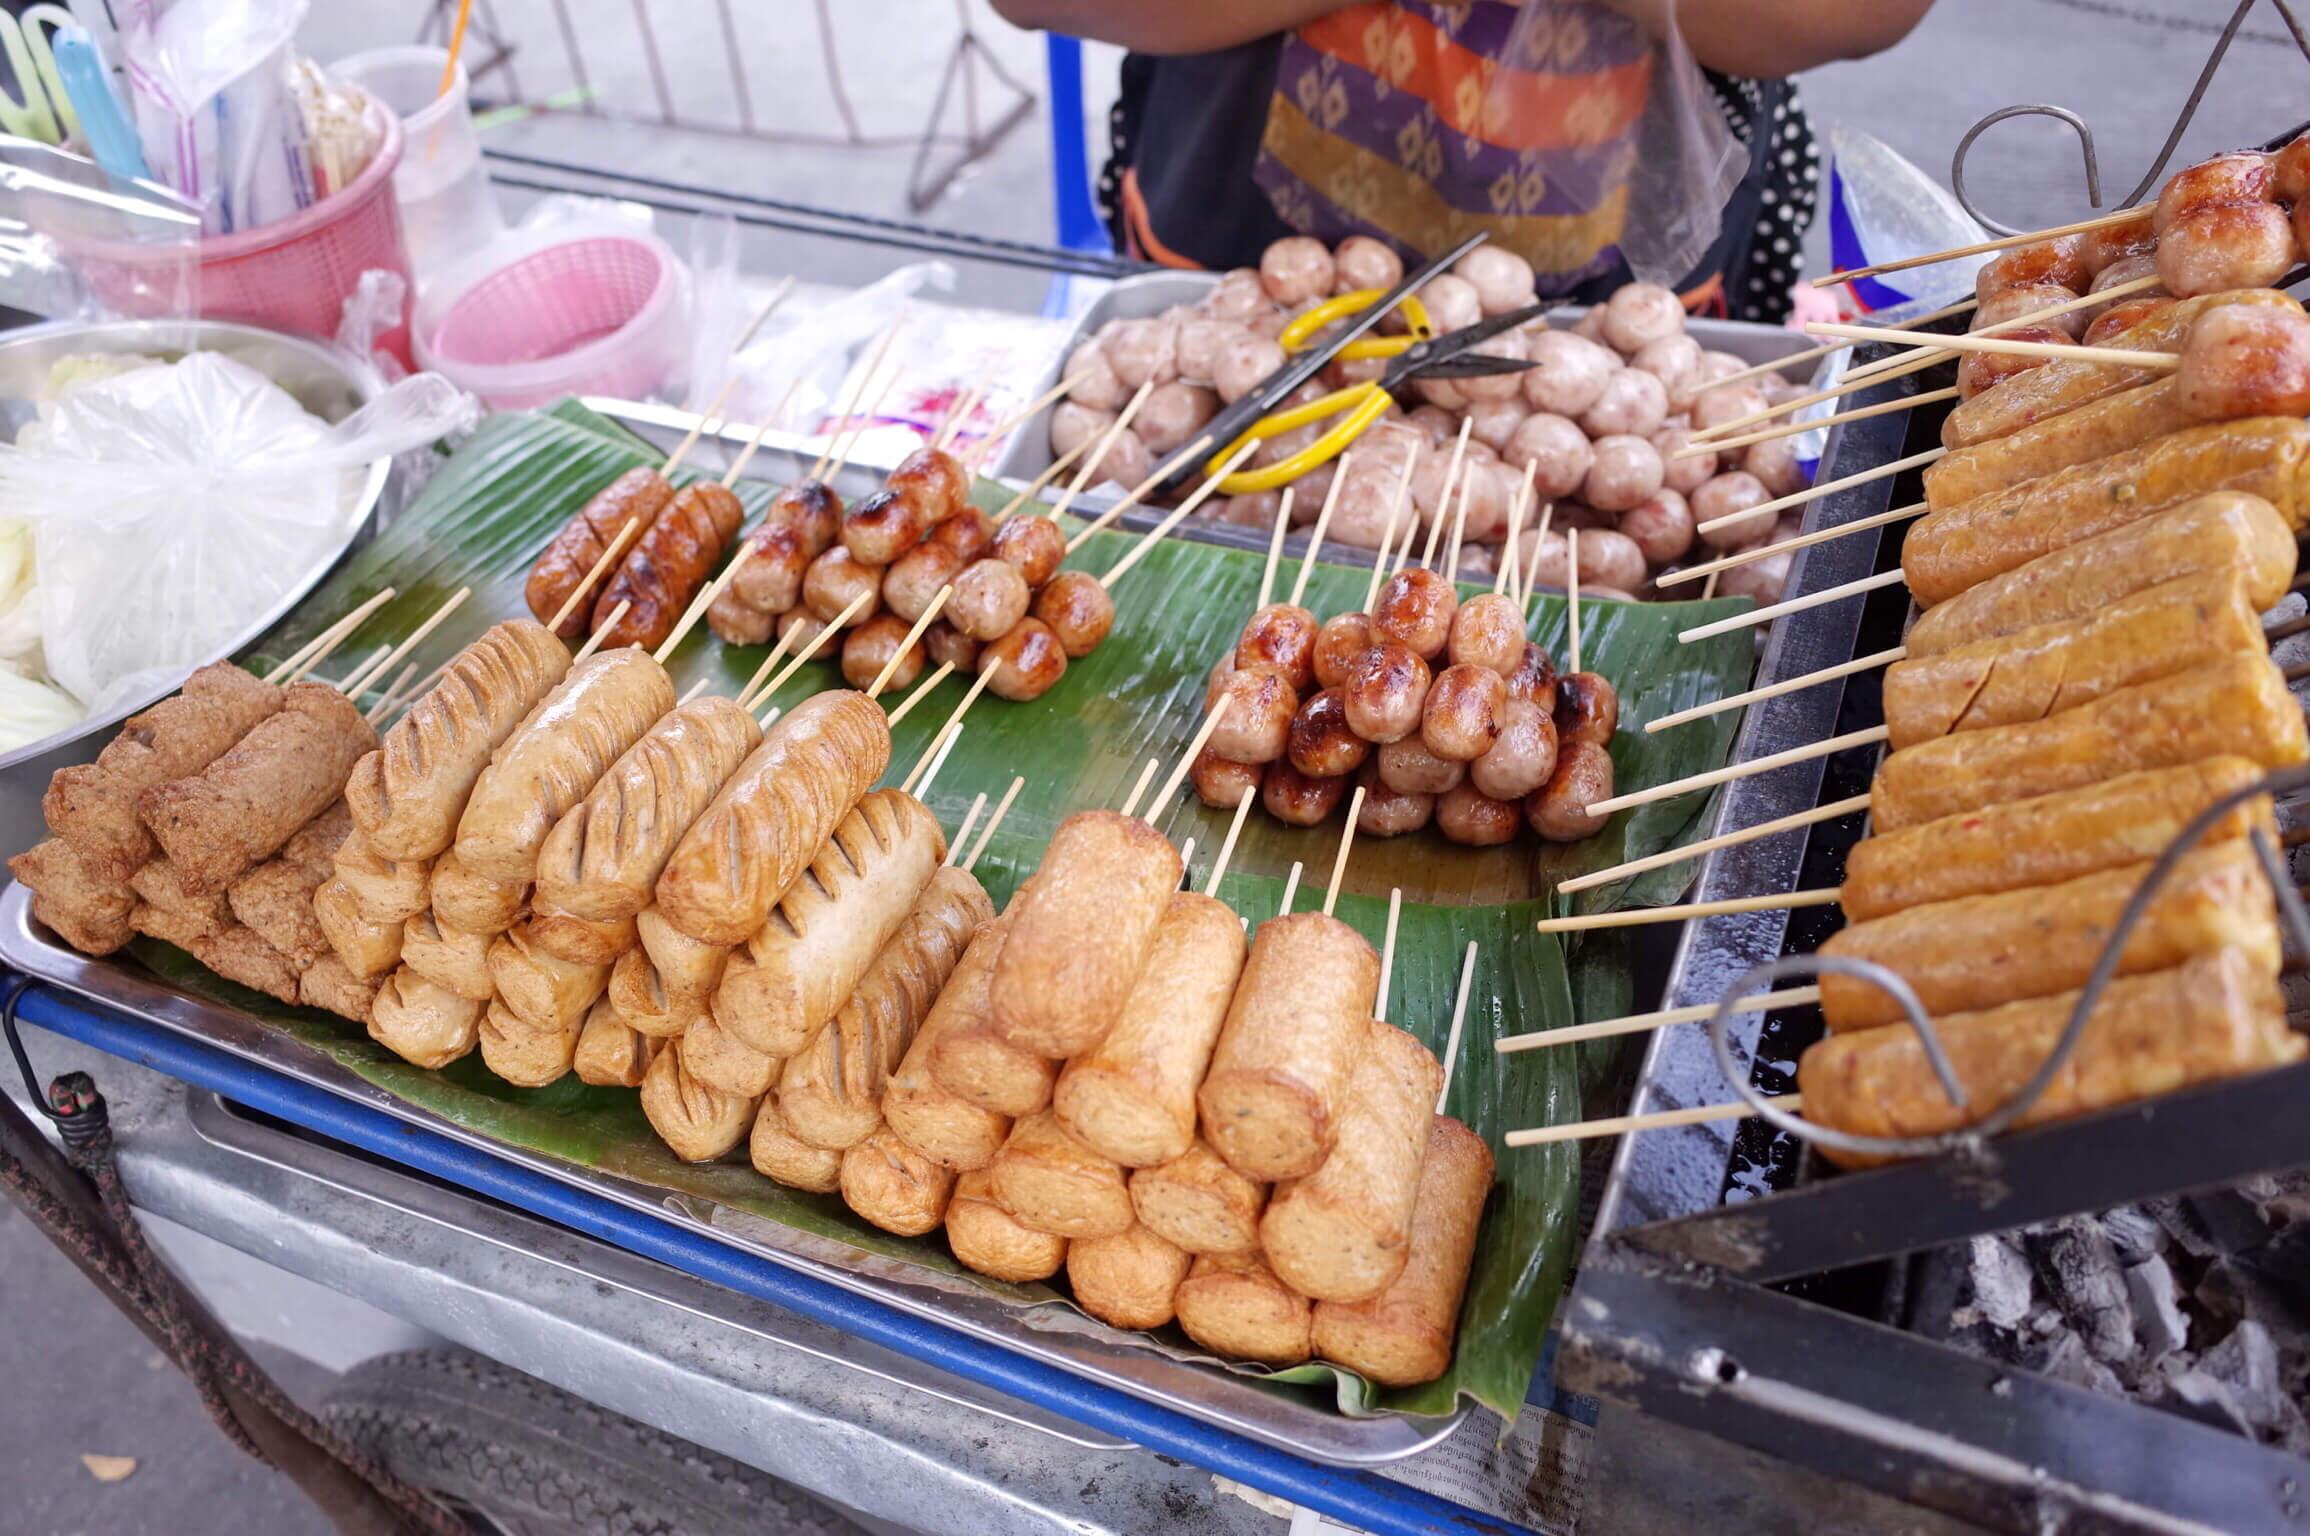 バンコク マンダリンホテルの朝食バイキングは高い!サムヤン駅前で買い食いを楽しんだ